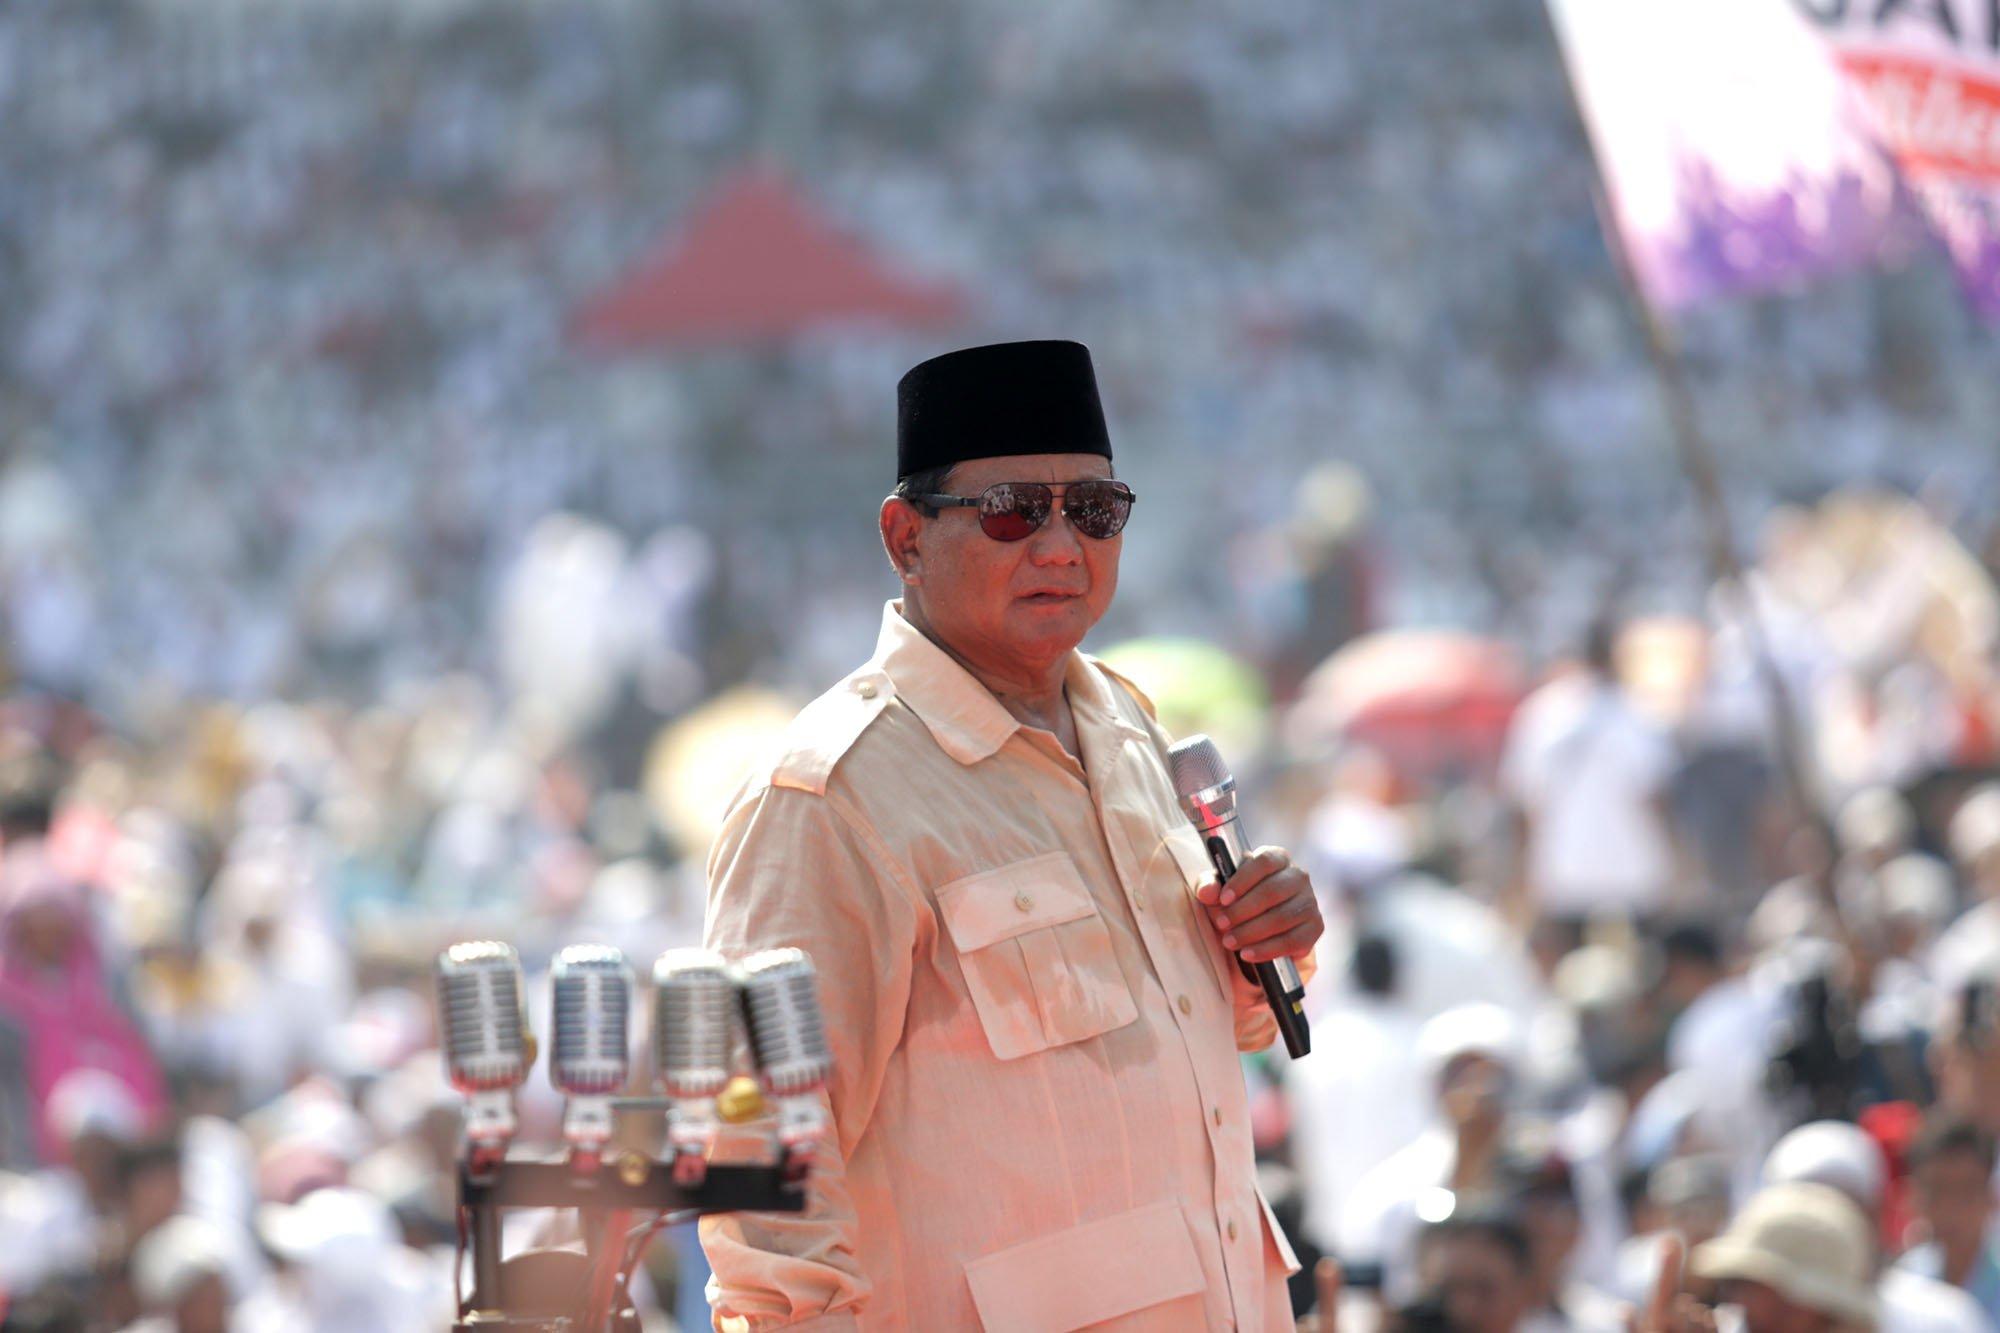 Prabowo Subianto dalam acara kampanye akbar di Gelora Bung Karno, Jakarta (7/4). Calon presiden Prabowo Subianto menyampaikan hasil hitungan jumlah orang yang hadir di kampanye akbarnya hari ini. Dia menyatakan jumlah massa kampanye di Stadion Utama Gelora Bung Karno dan sekitarnya ini sebanyak sejuta lebih orang.